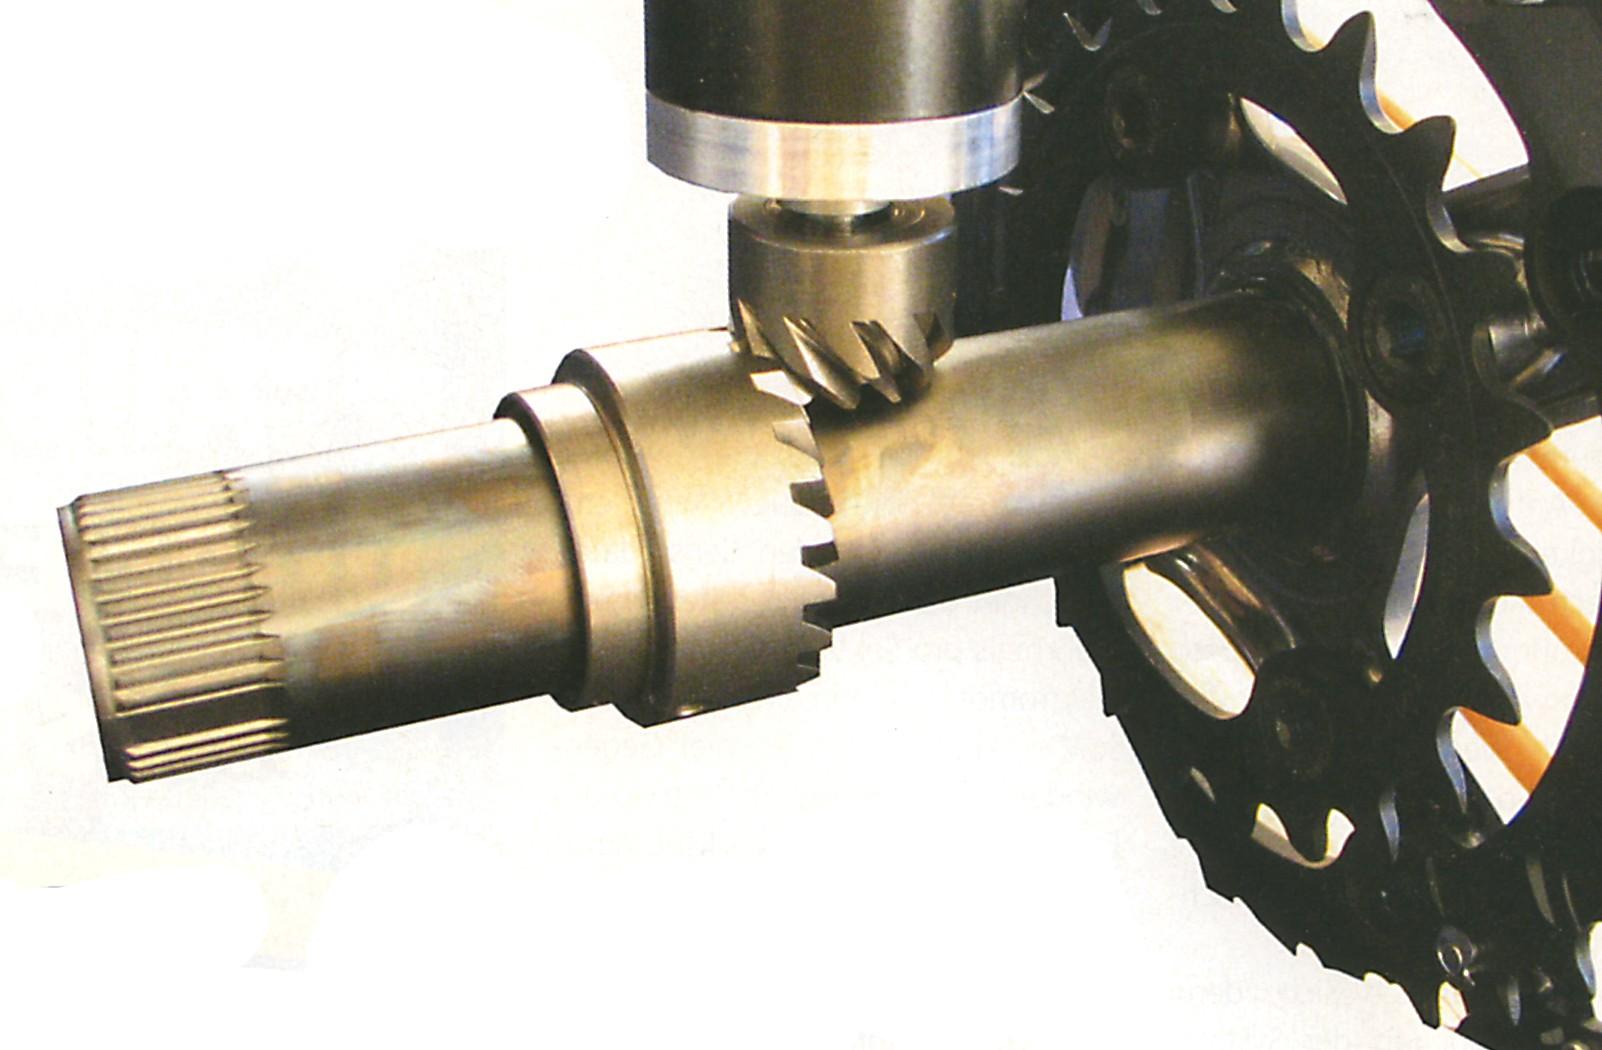 Bevel gear closeupr